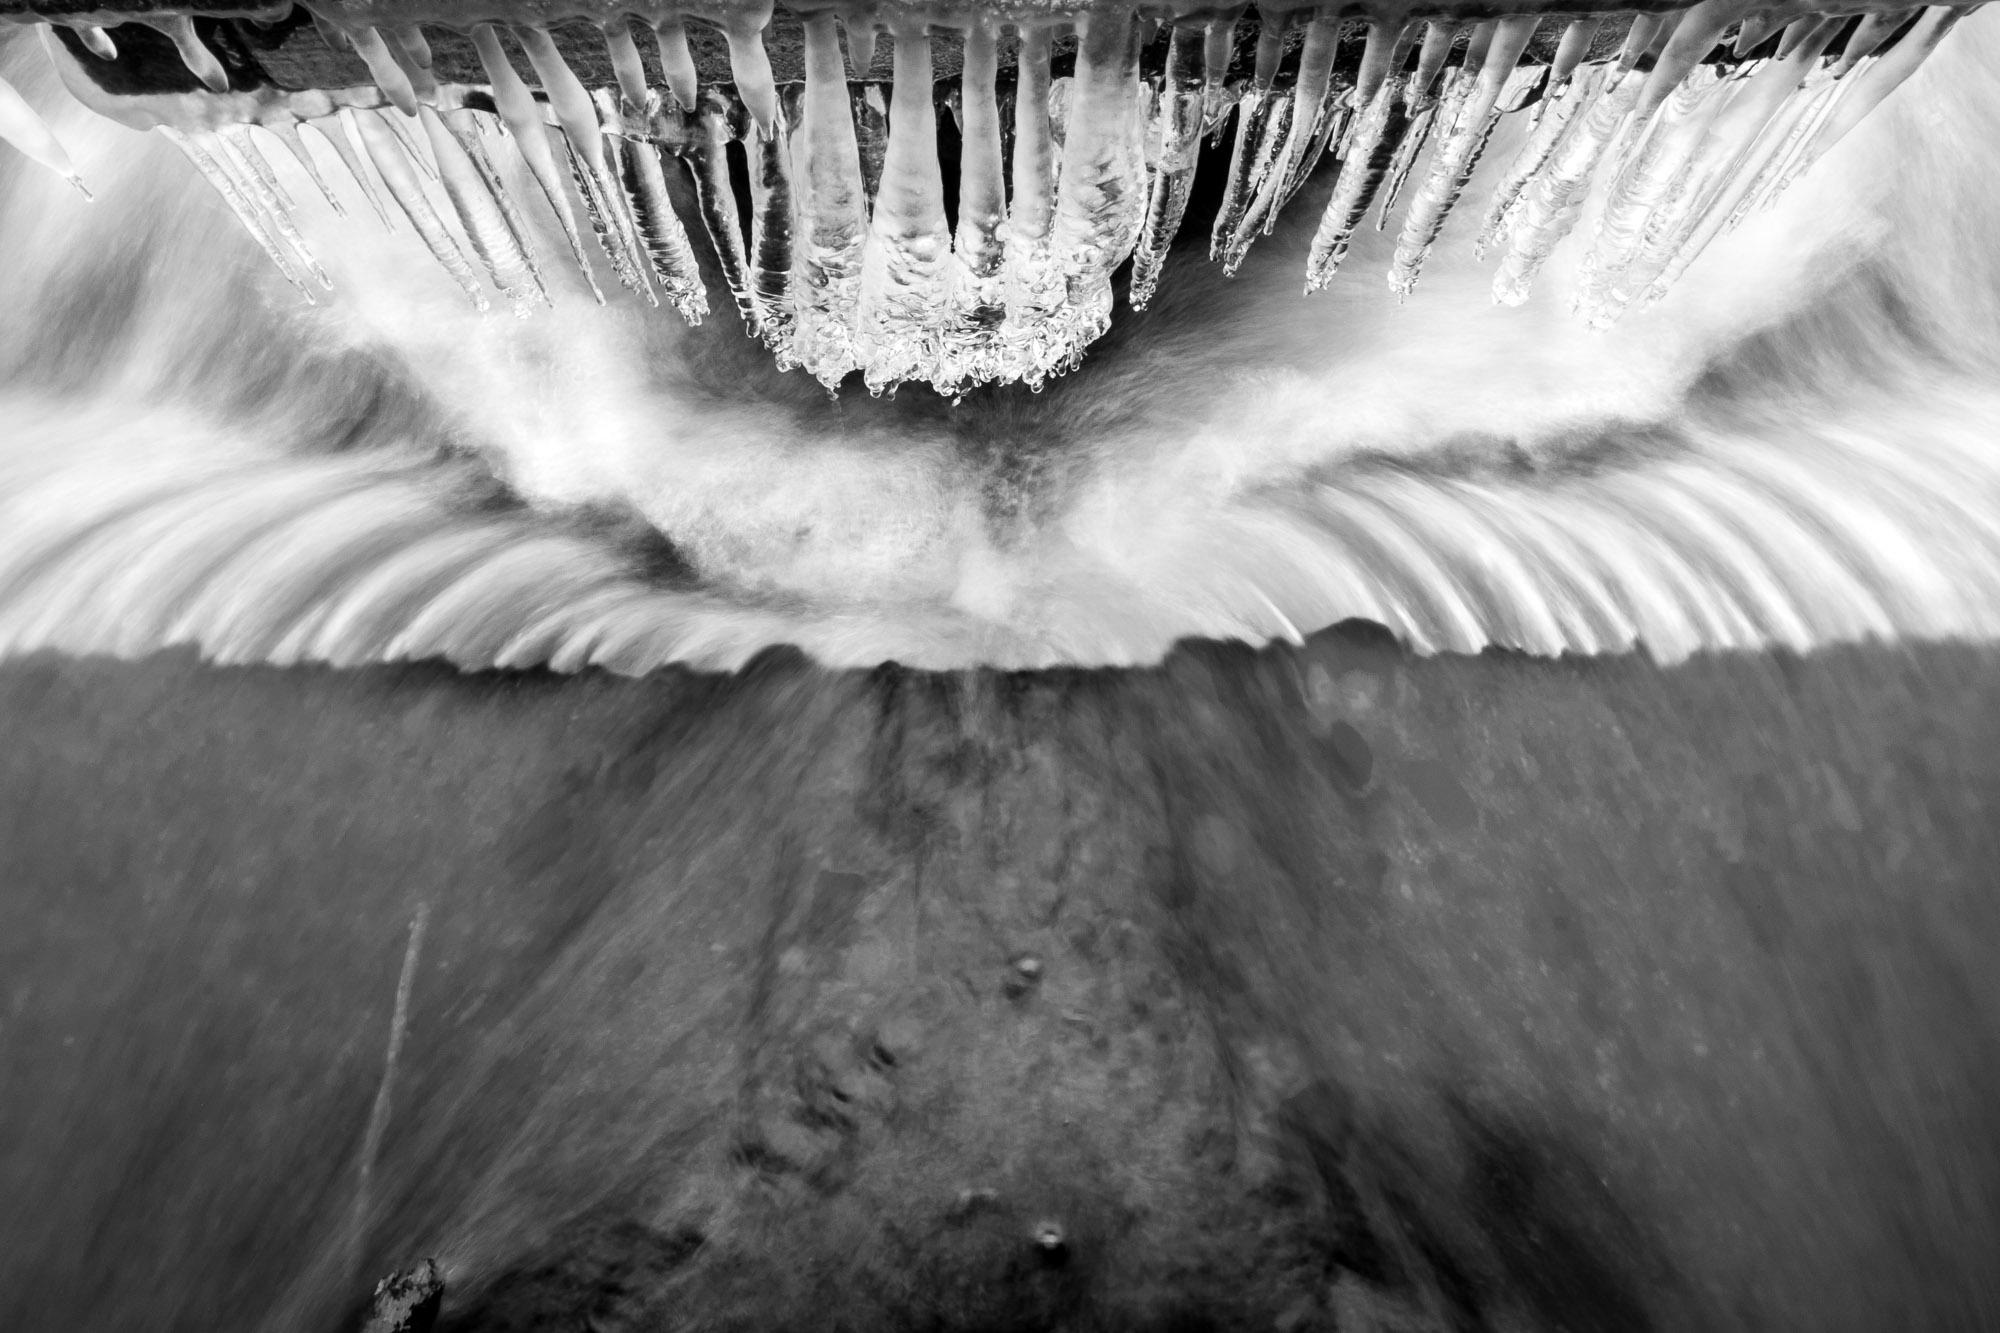 Pose longue à main levée pour capturer l'eau en cours de gel © Clément Racineux / Tonton Photo